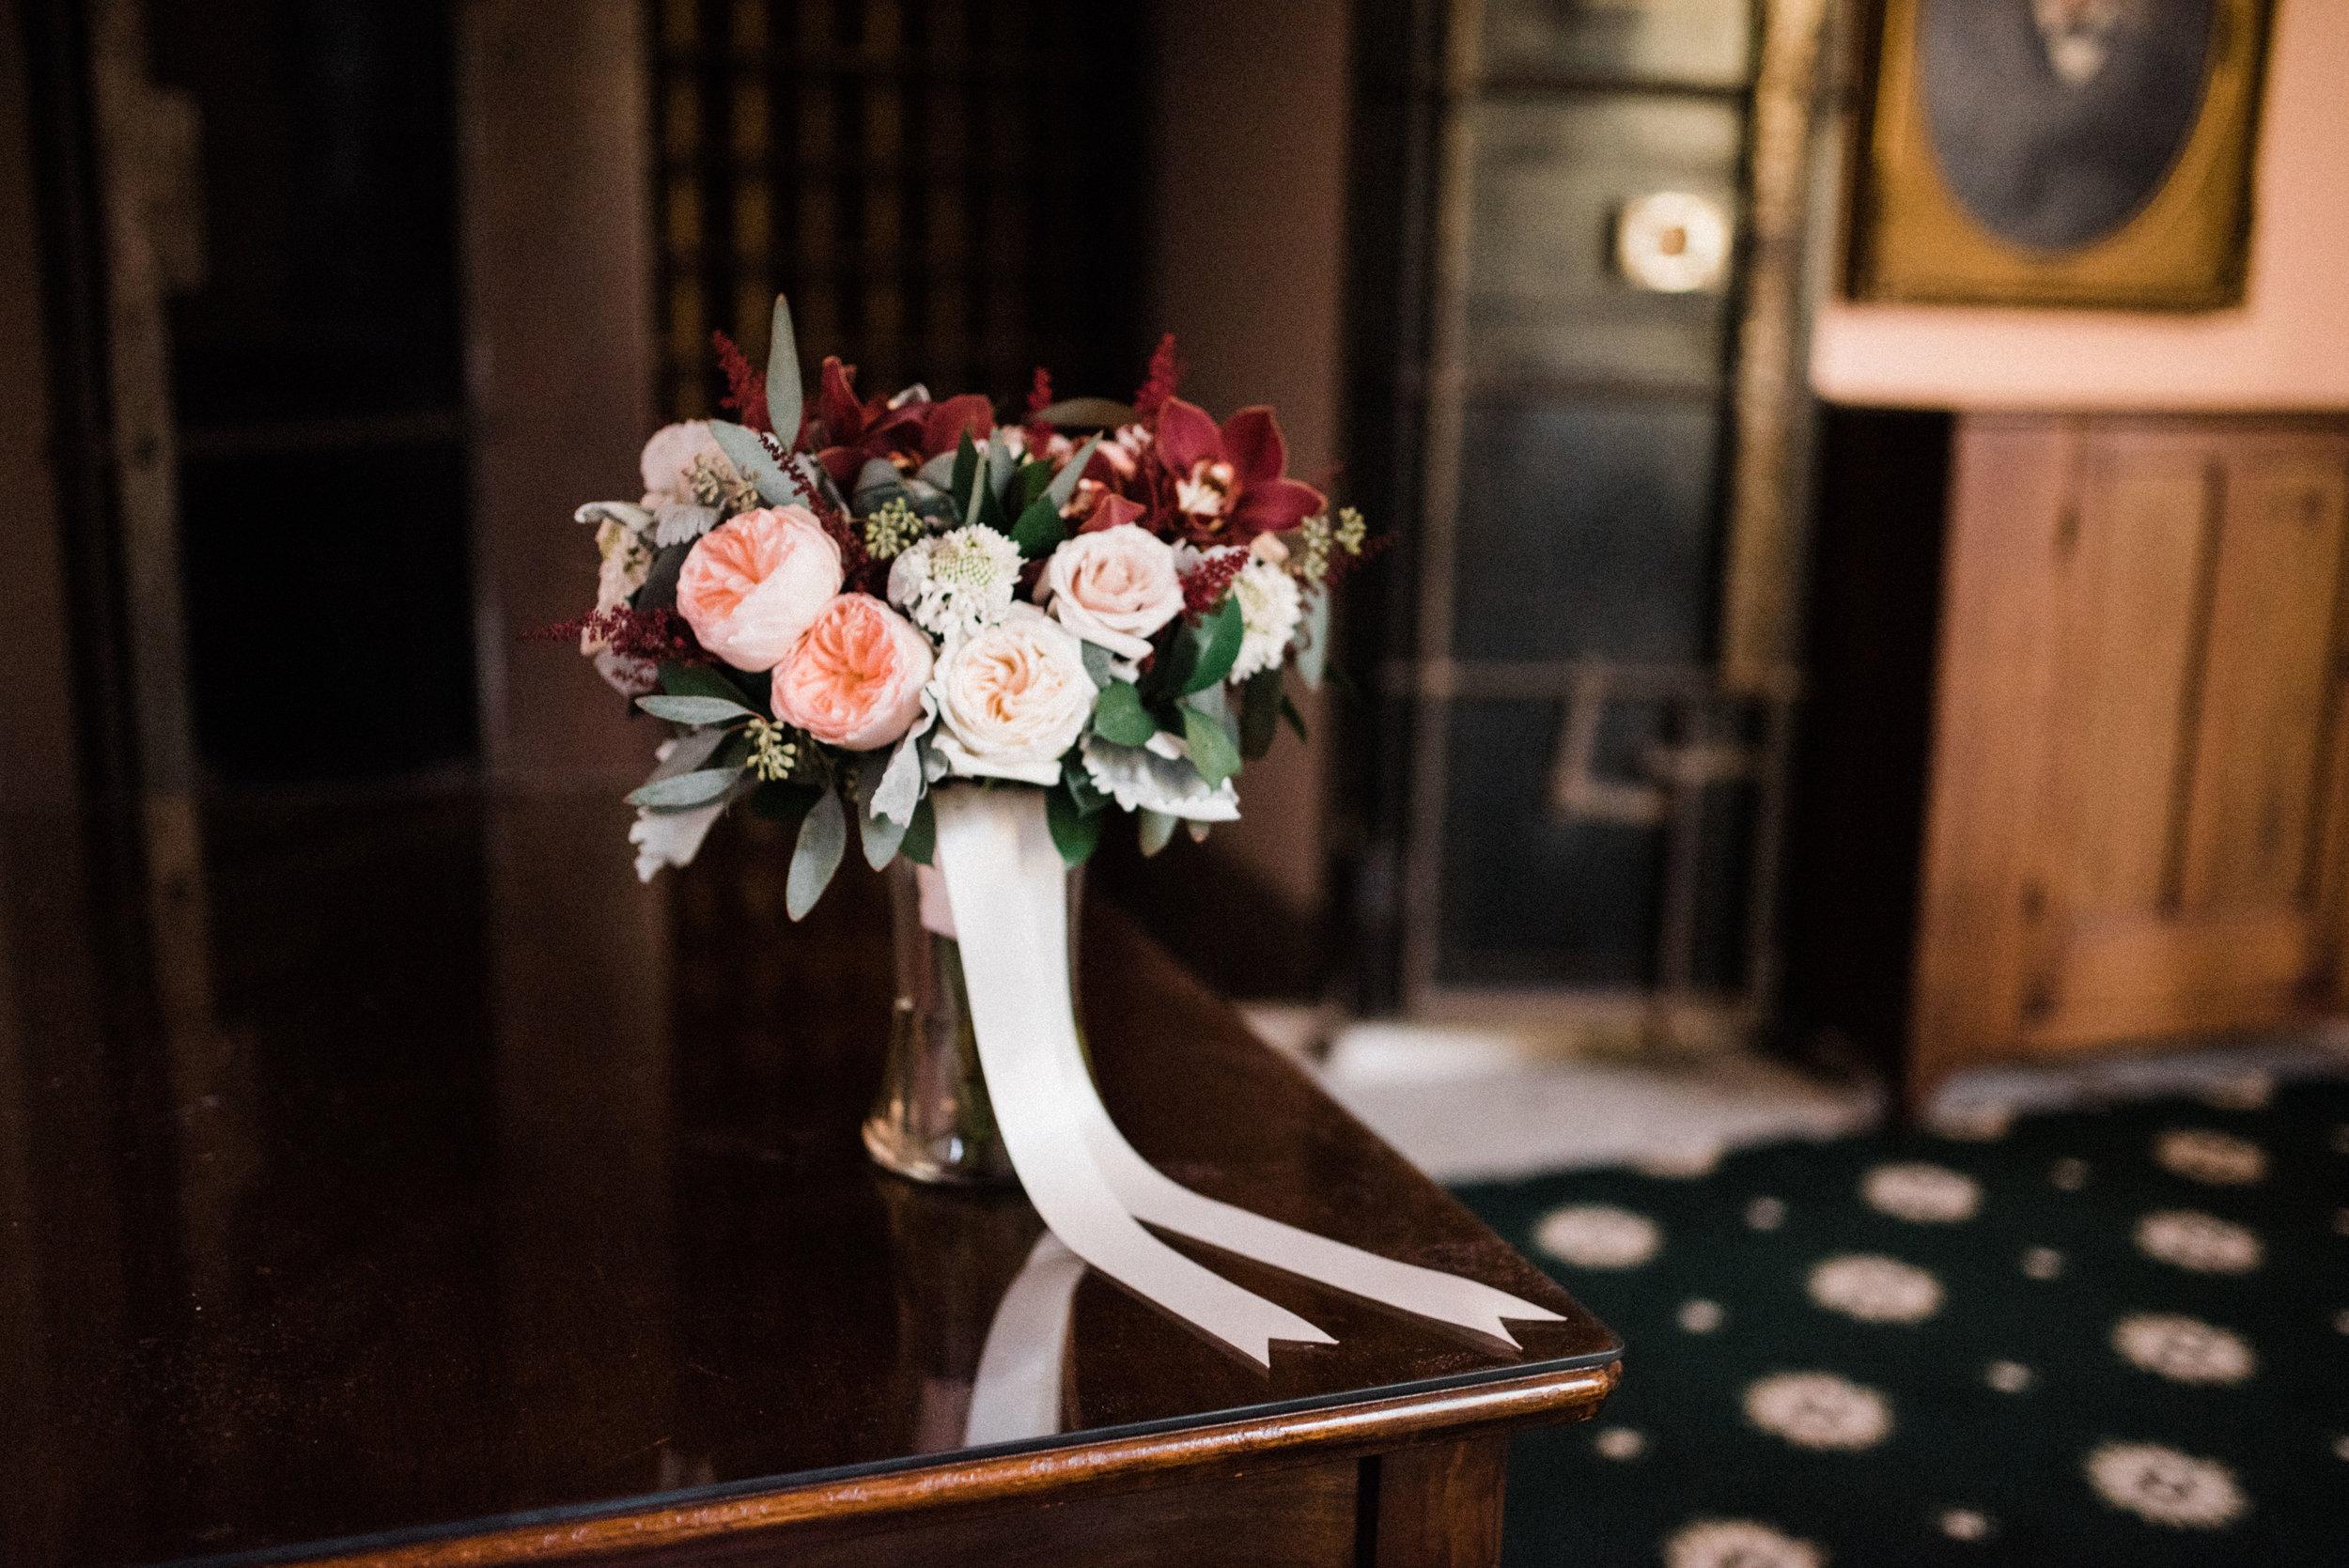 -Chelsea-Hall-Photography-Old-Courthouse-Wedding-Dayton-Ohio-11.jpg